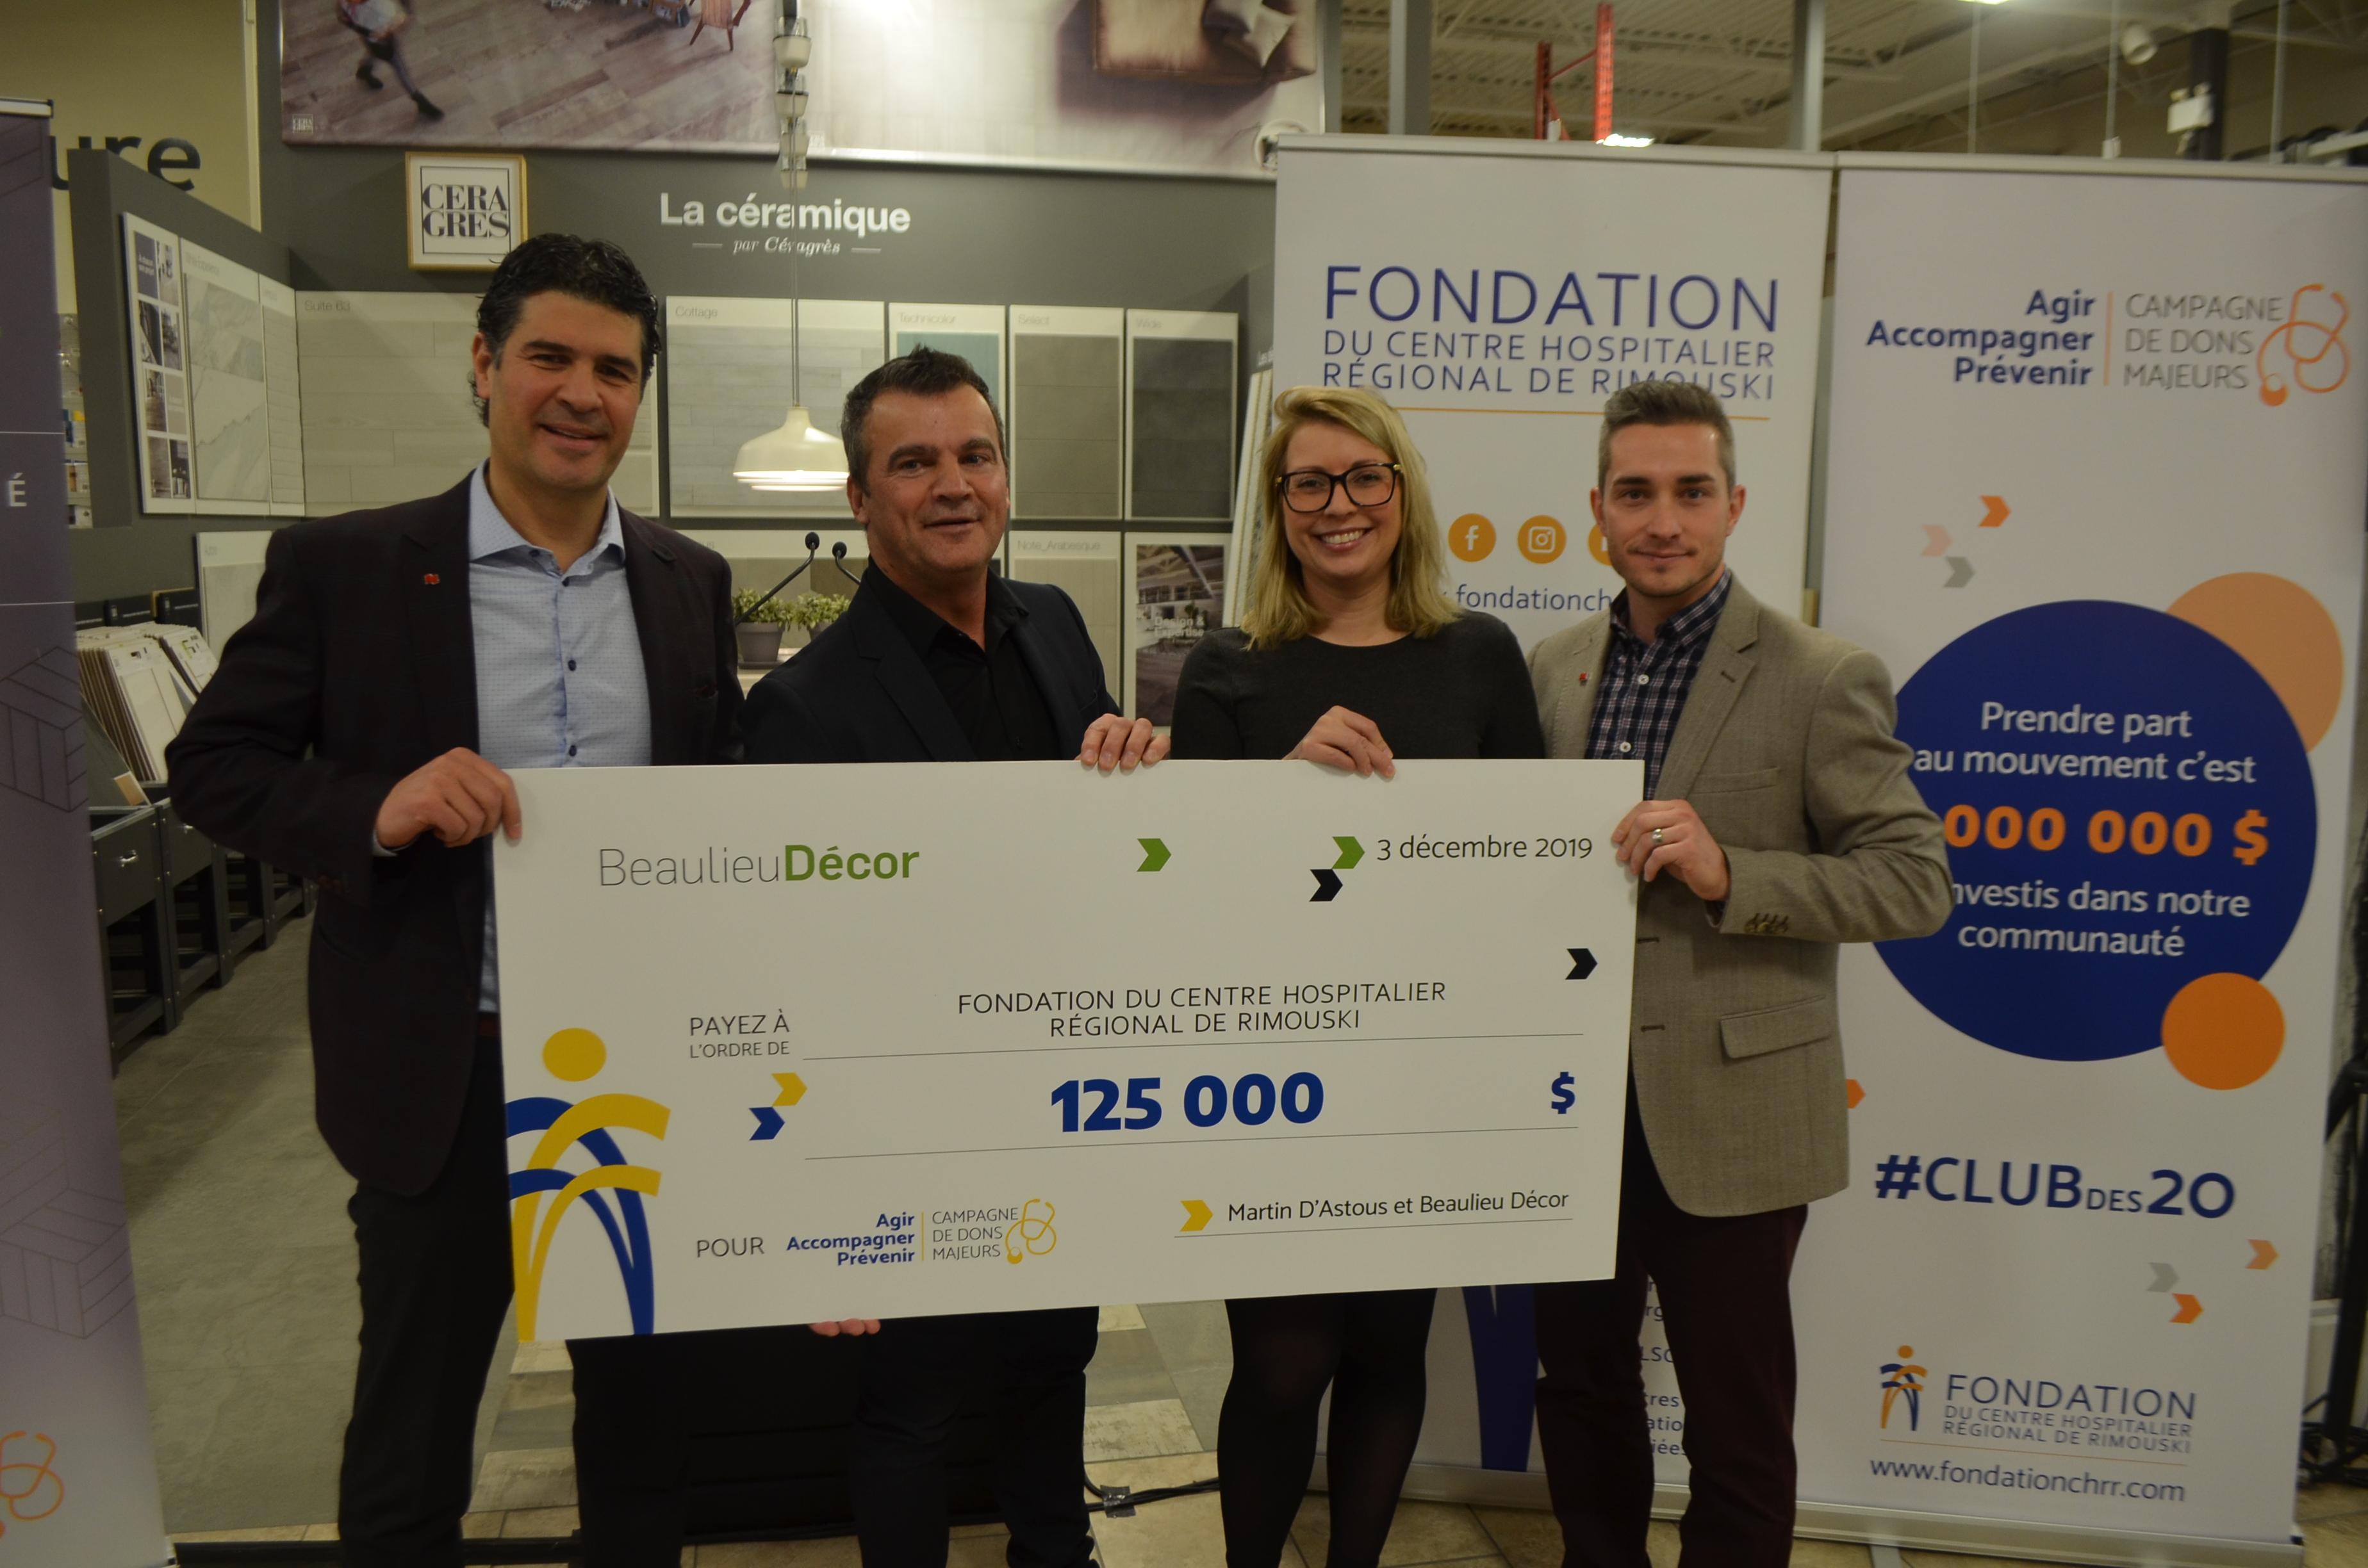 Martin Beaulieu de l'entreprise Beaulieu Décor (au centre) remet un chèque de 125000 $